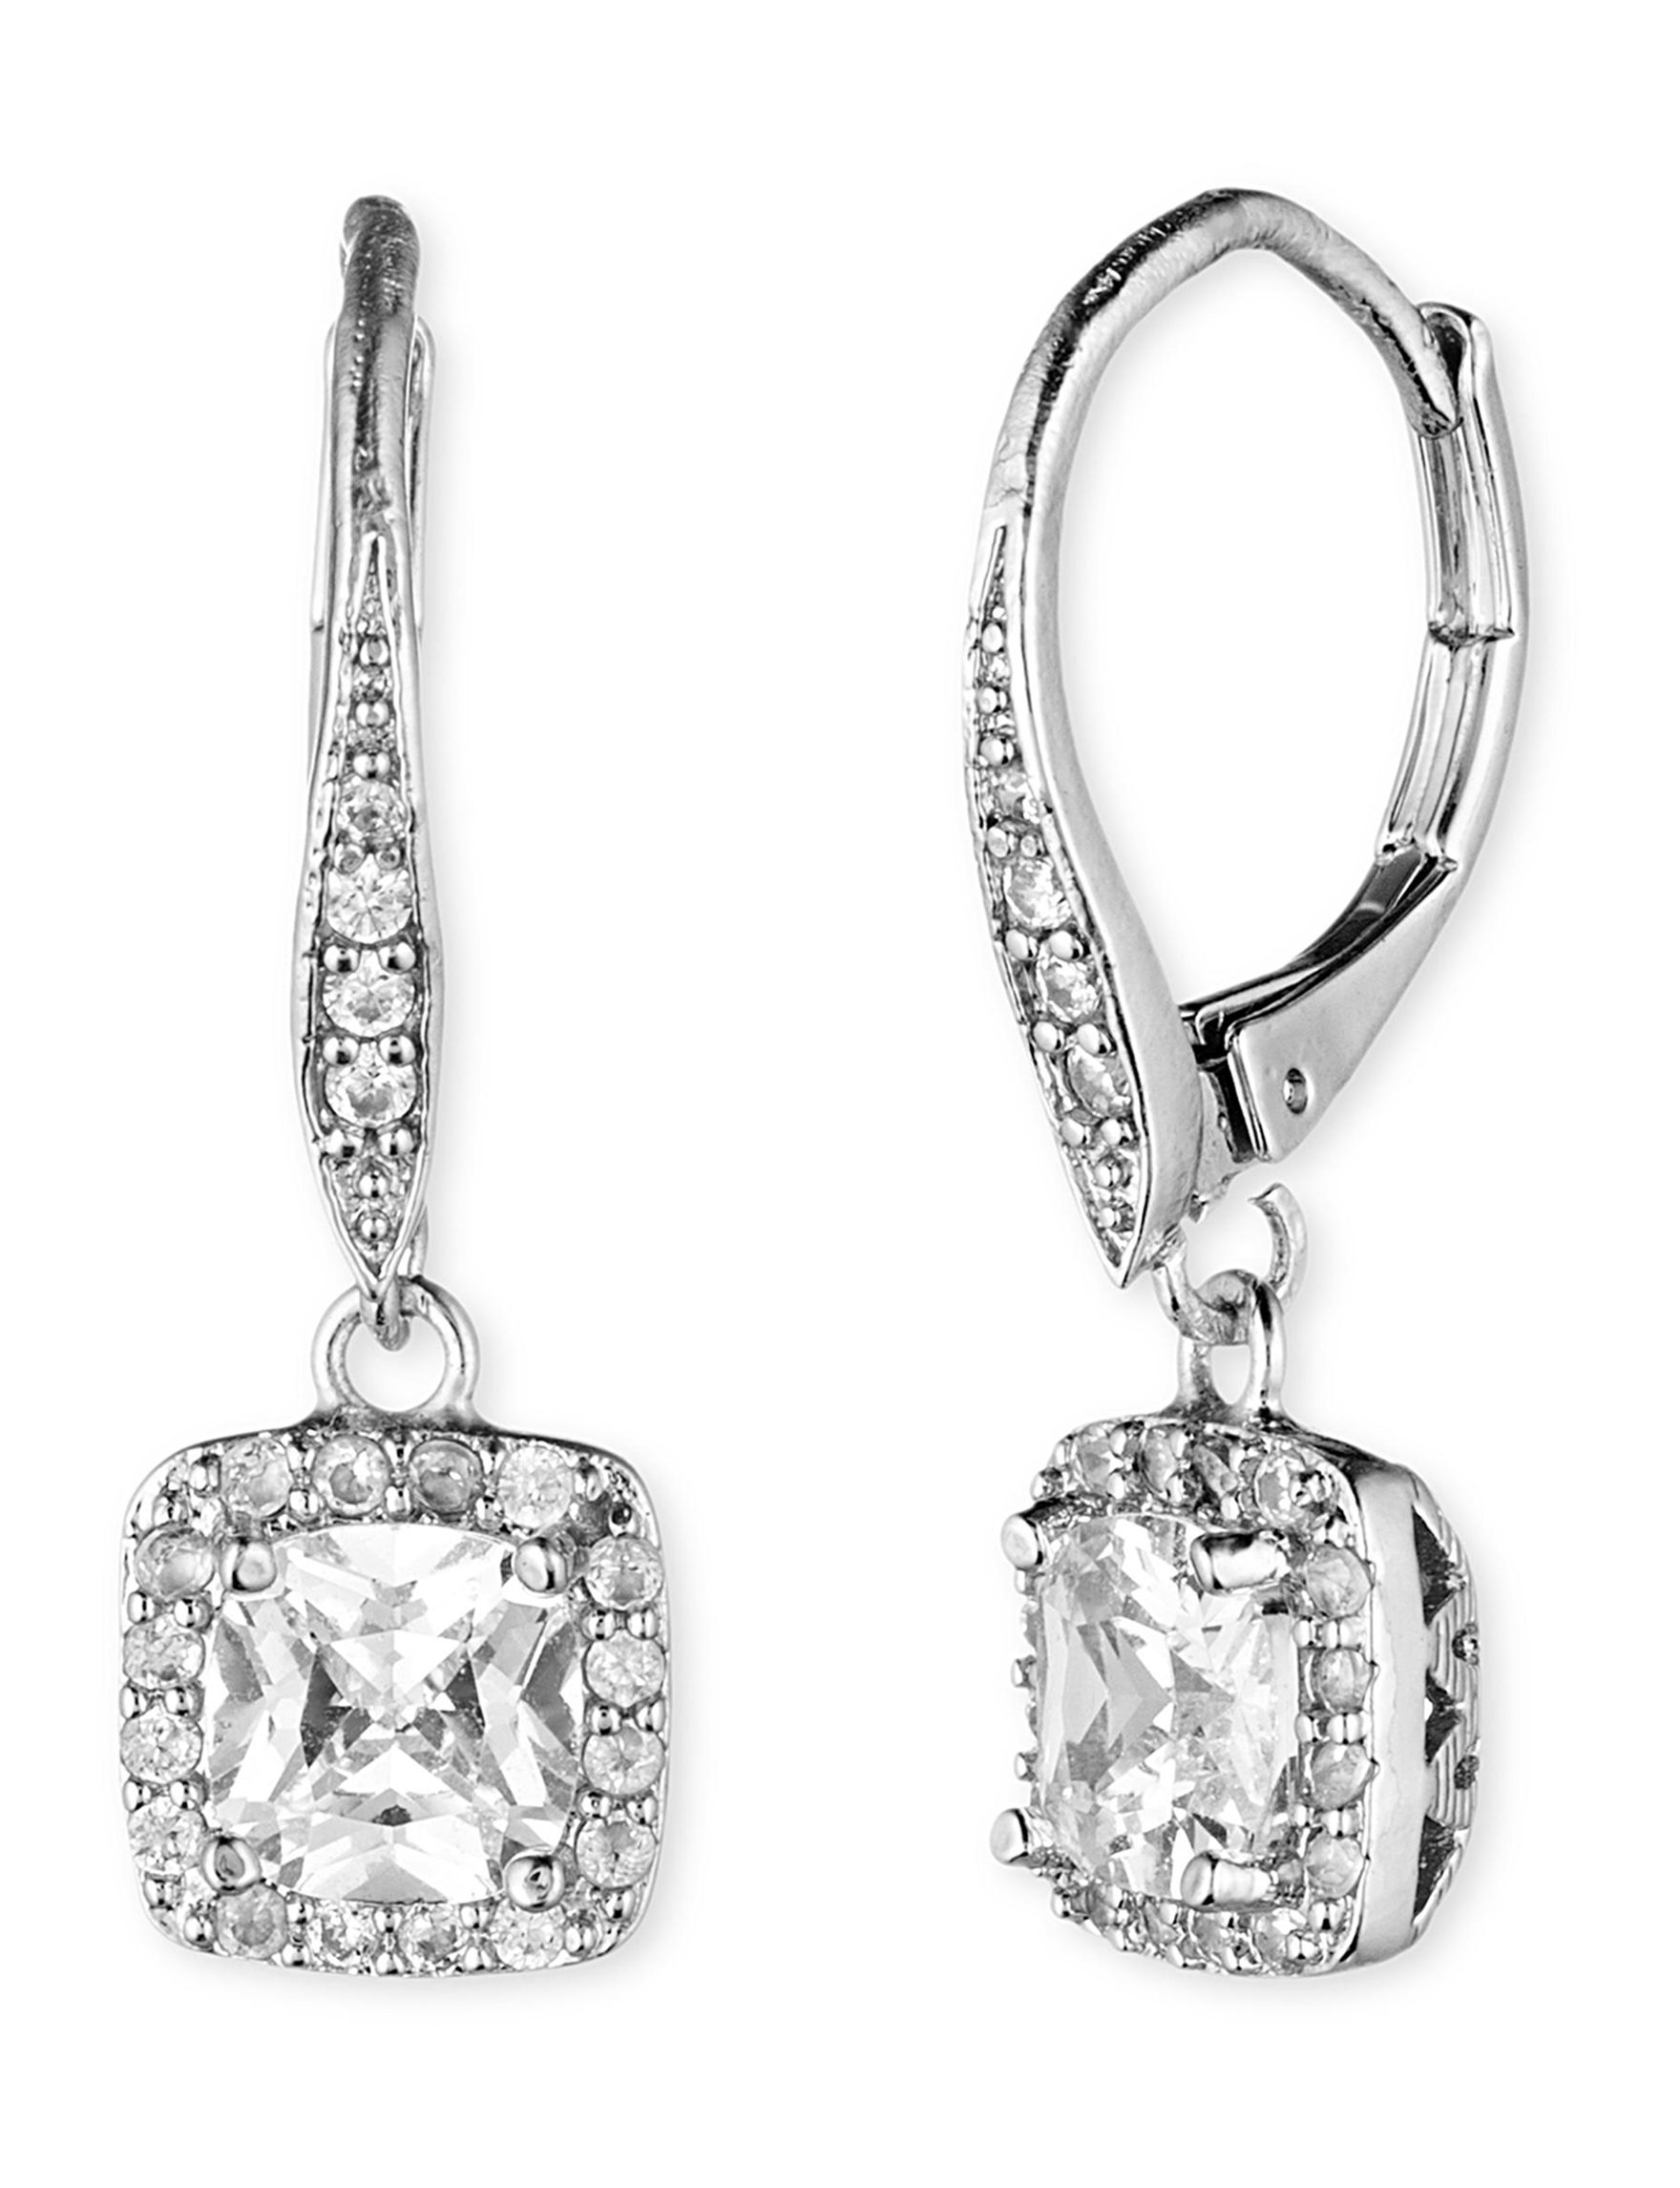 Anne Klein Silver Drops Earrings Fashion Jewelry